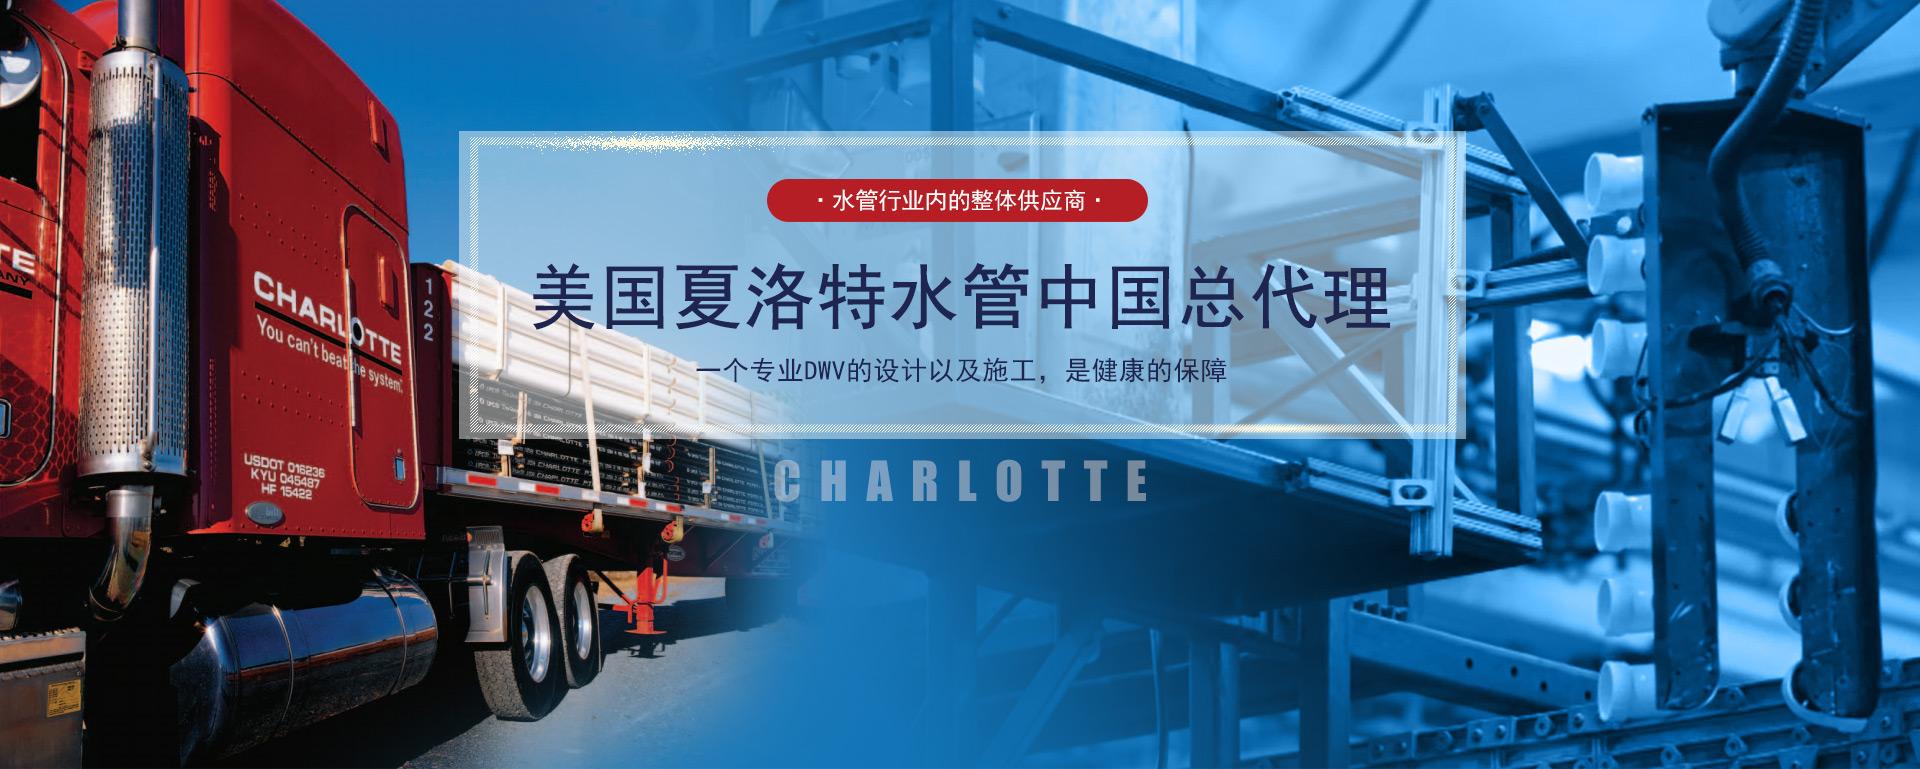 重庆柏克莱贸易有限公司家装管道